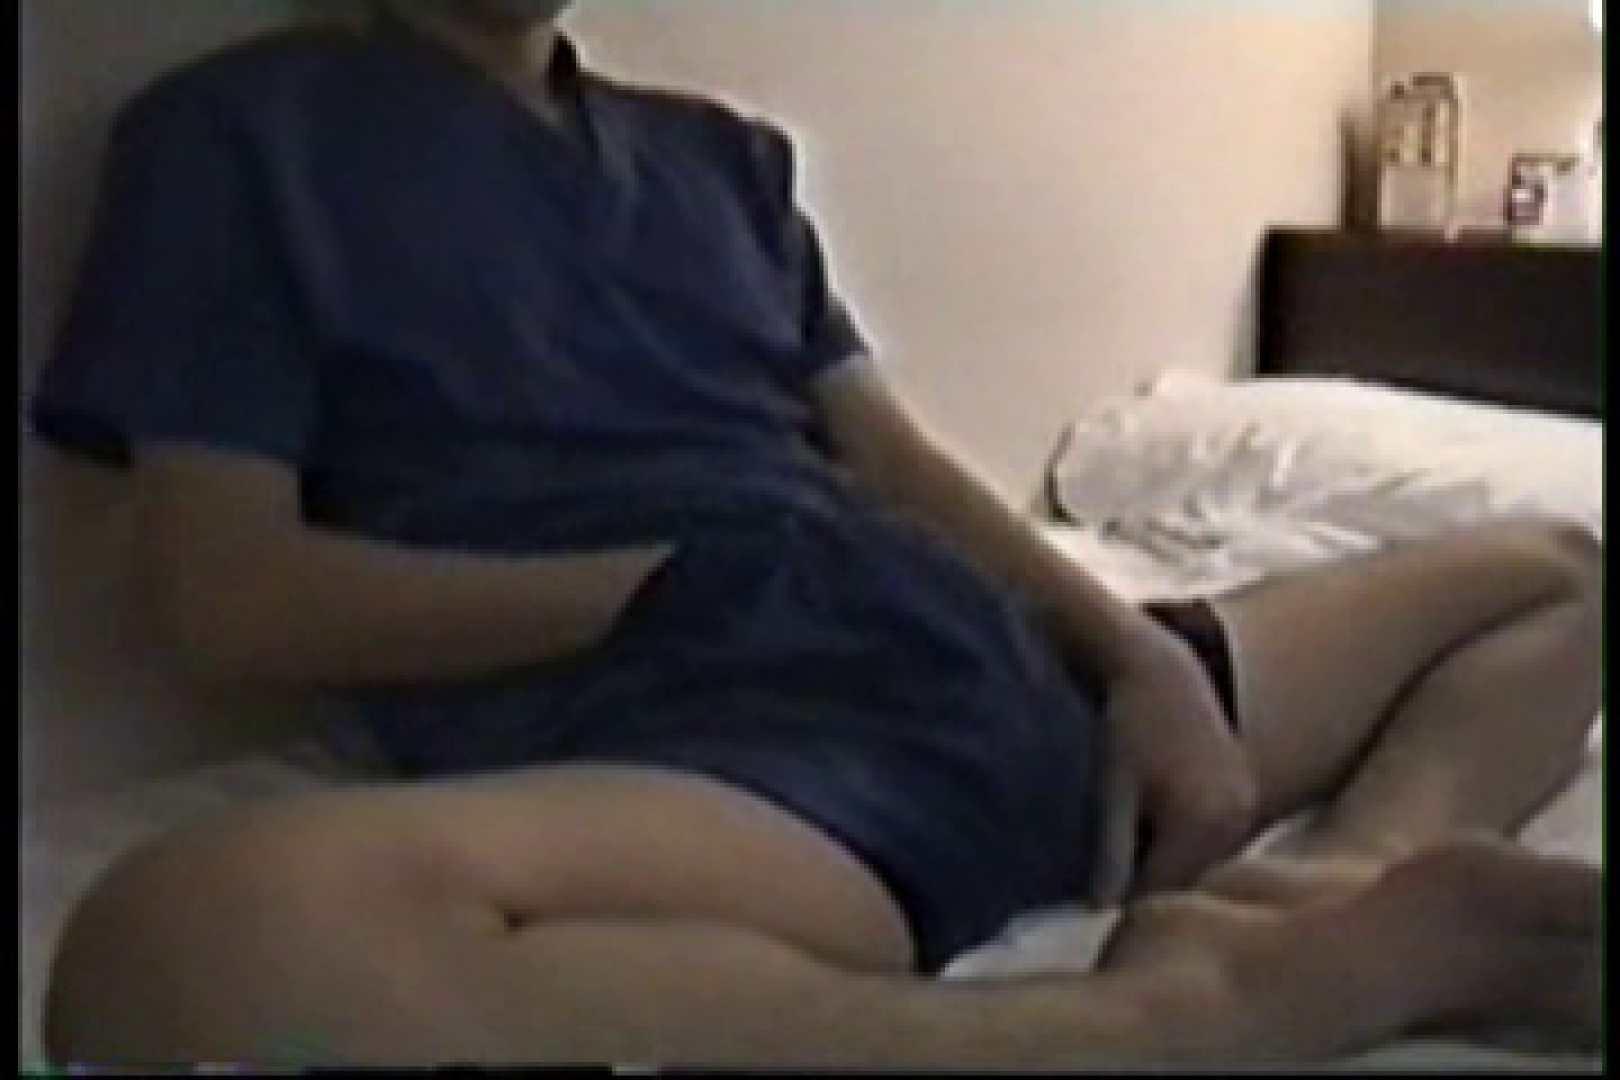 【実録個人撮影】男の子達の禁断の愛欲性活!!vol.01 肛門中出し | ゲイ達の個人撮影  10枚 1